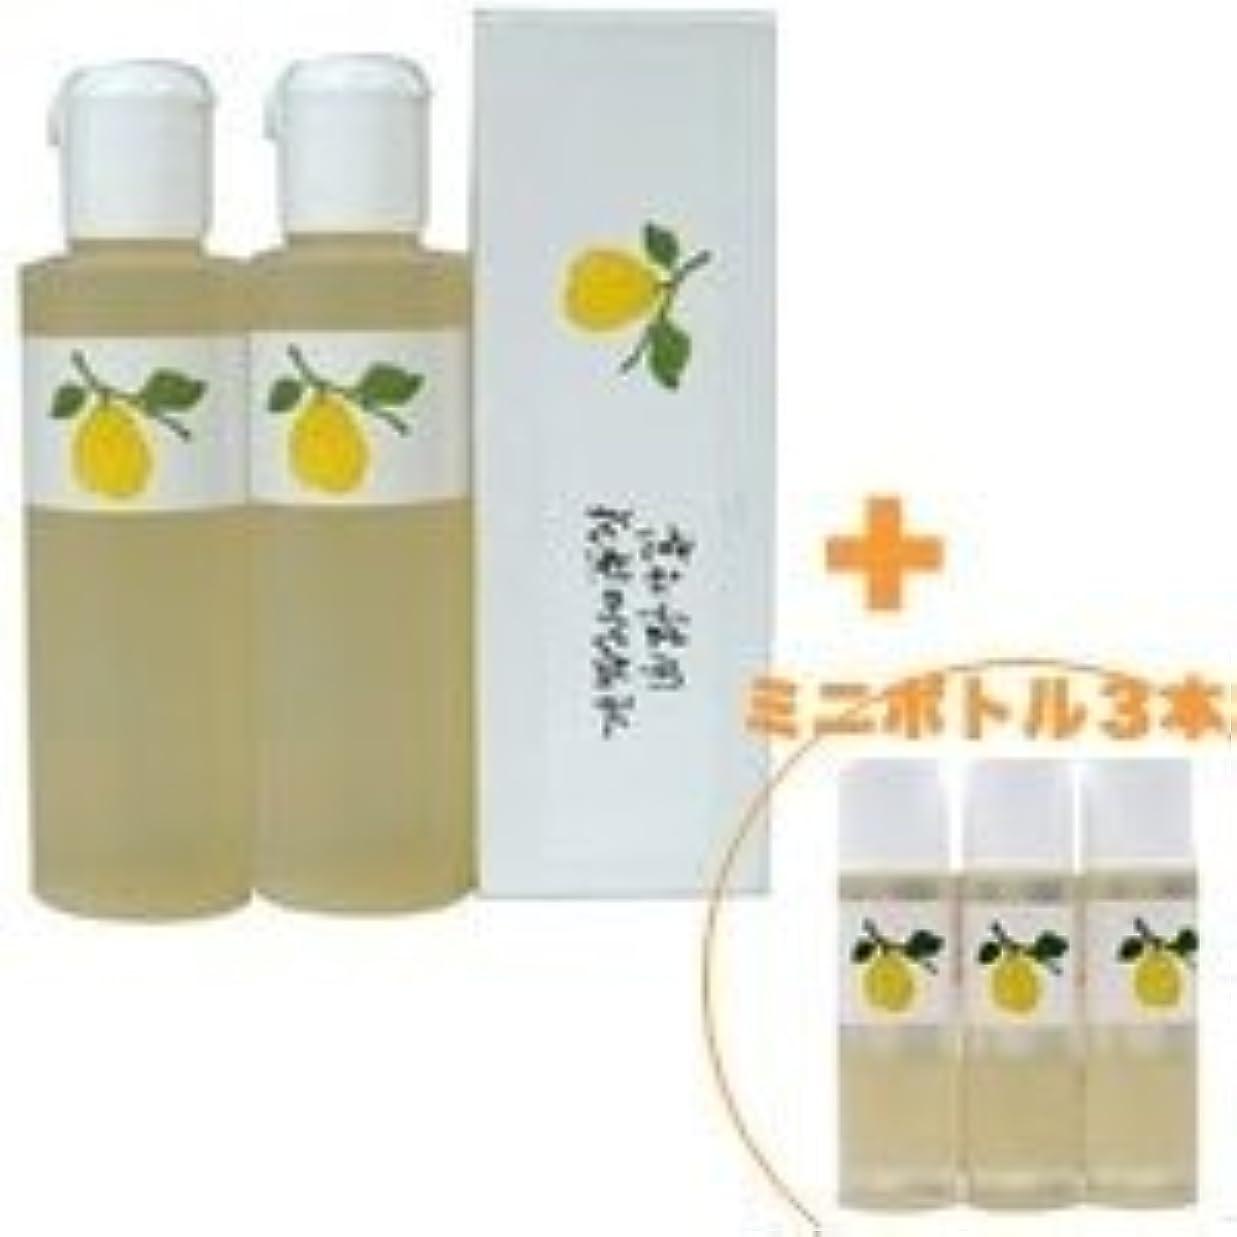 見せます古風なホールドオール花梨の化粧水 花梨の化粧水 200ml 2本&ミニボトル 3本